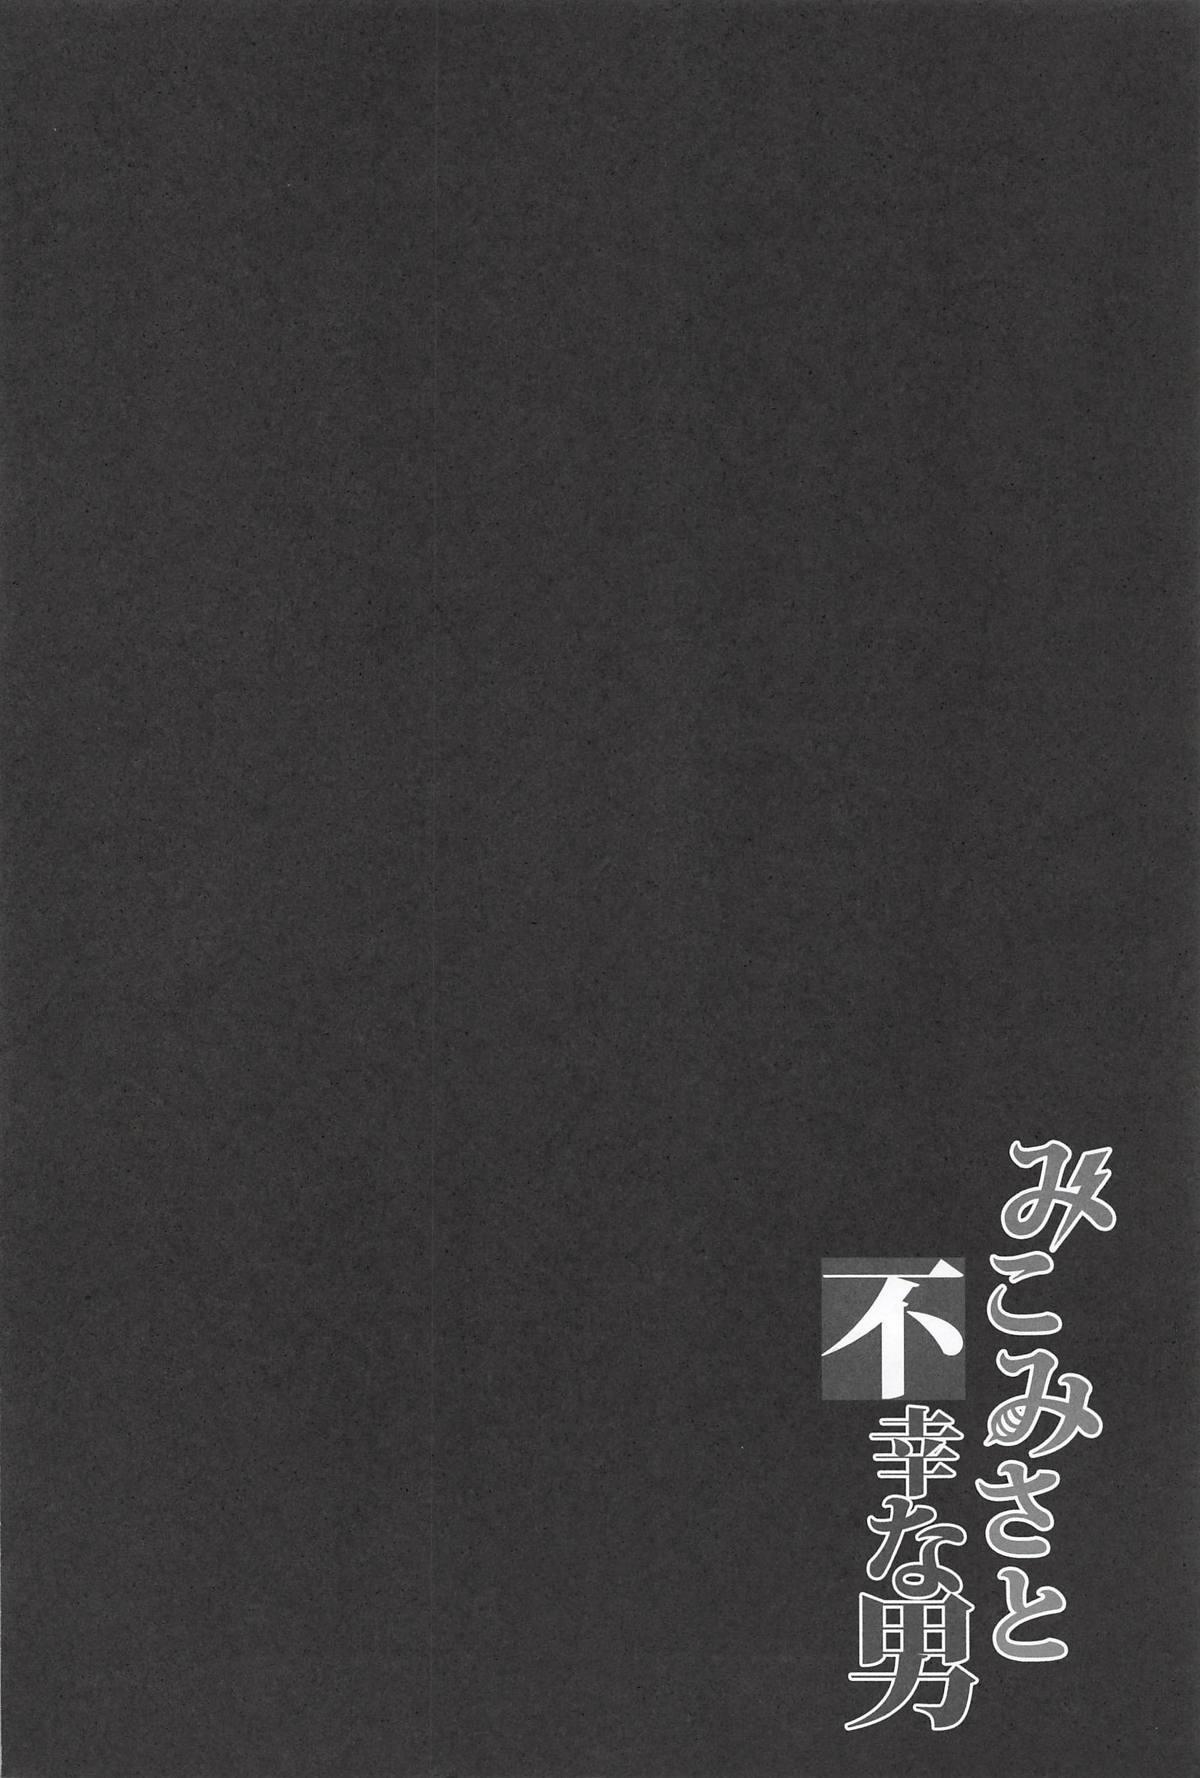 MikoMisa to Fukou na Otoko 2